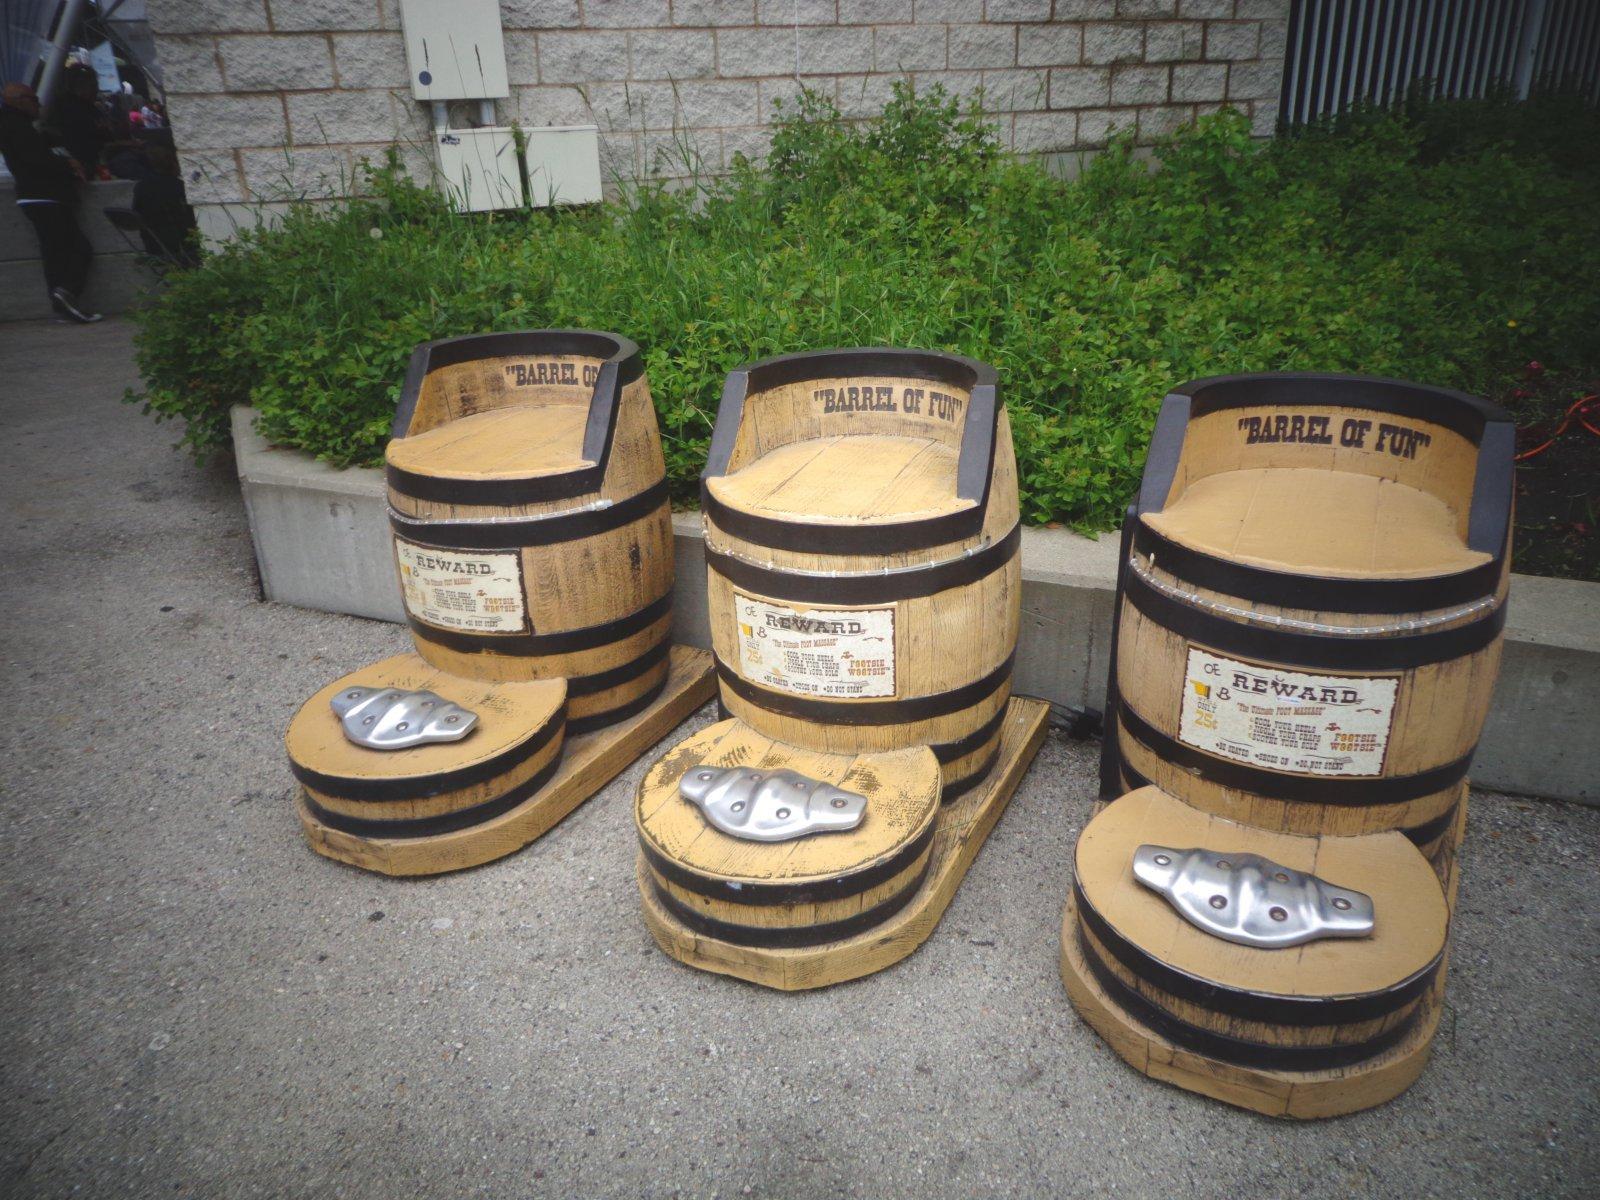 Barrel of Fun.